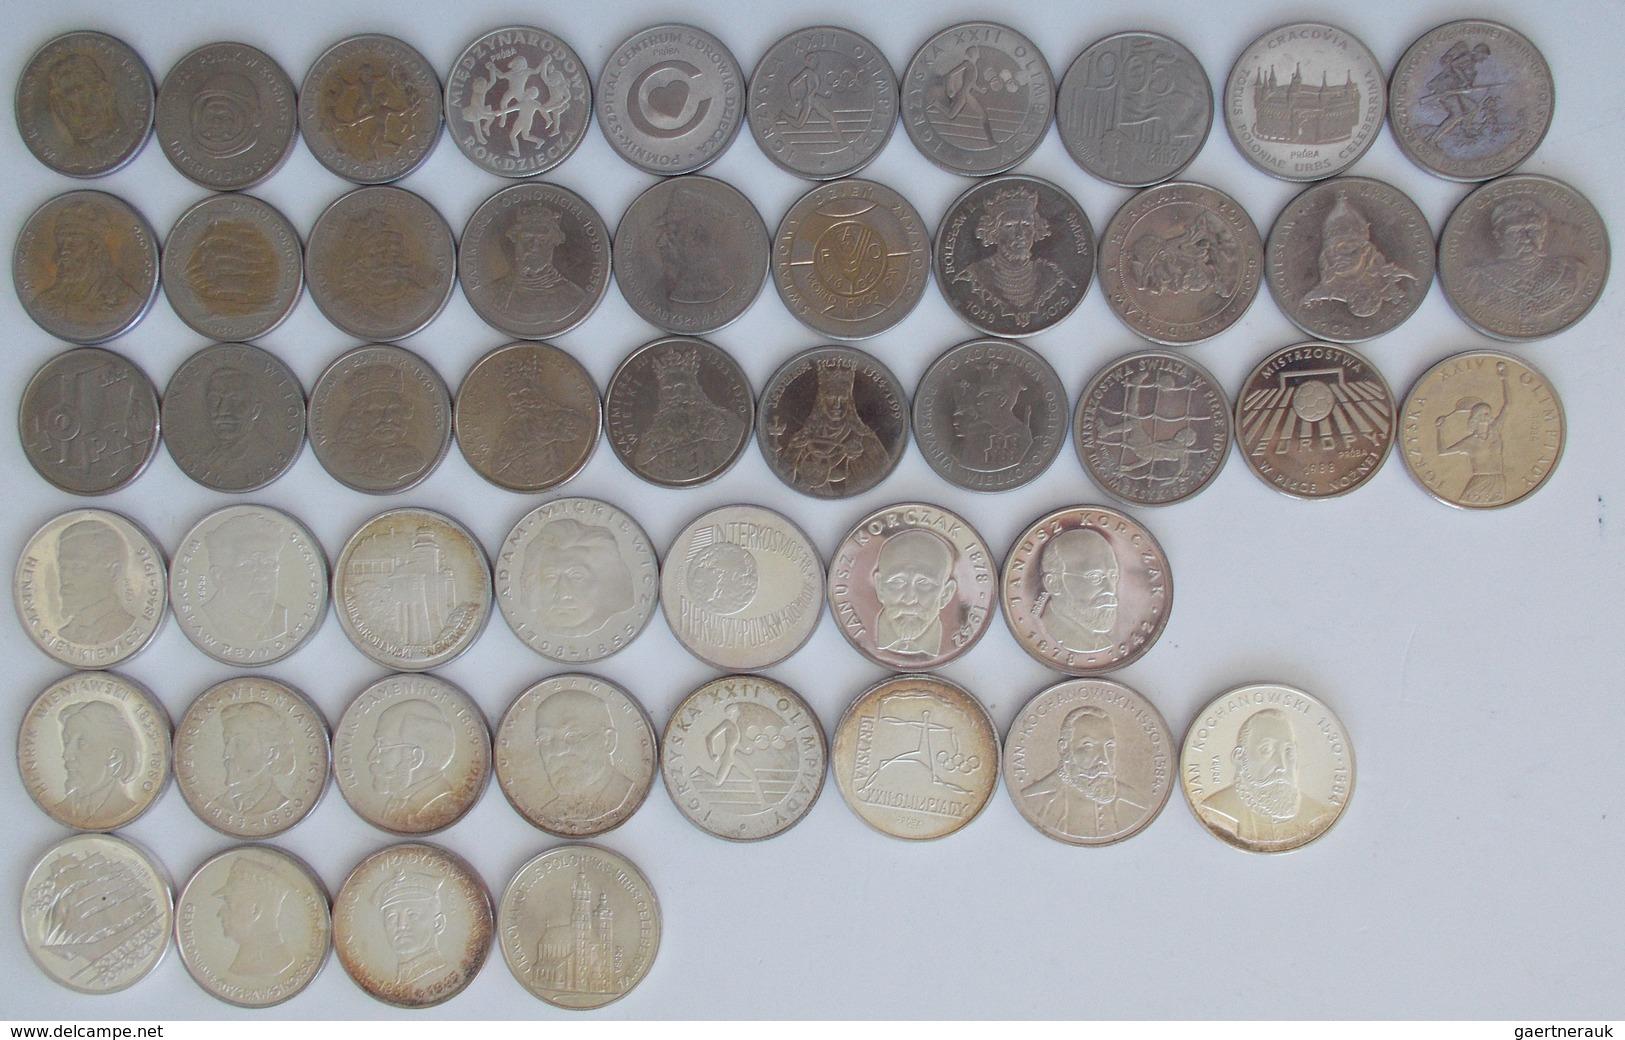 Polen: Sammlung 49 Diverse Münzen Aus Polen, Dabei 30 Münzen Aus CuNi Sowie 19 Aus Silber. Nominale - Pologne